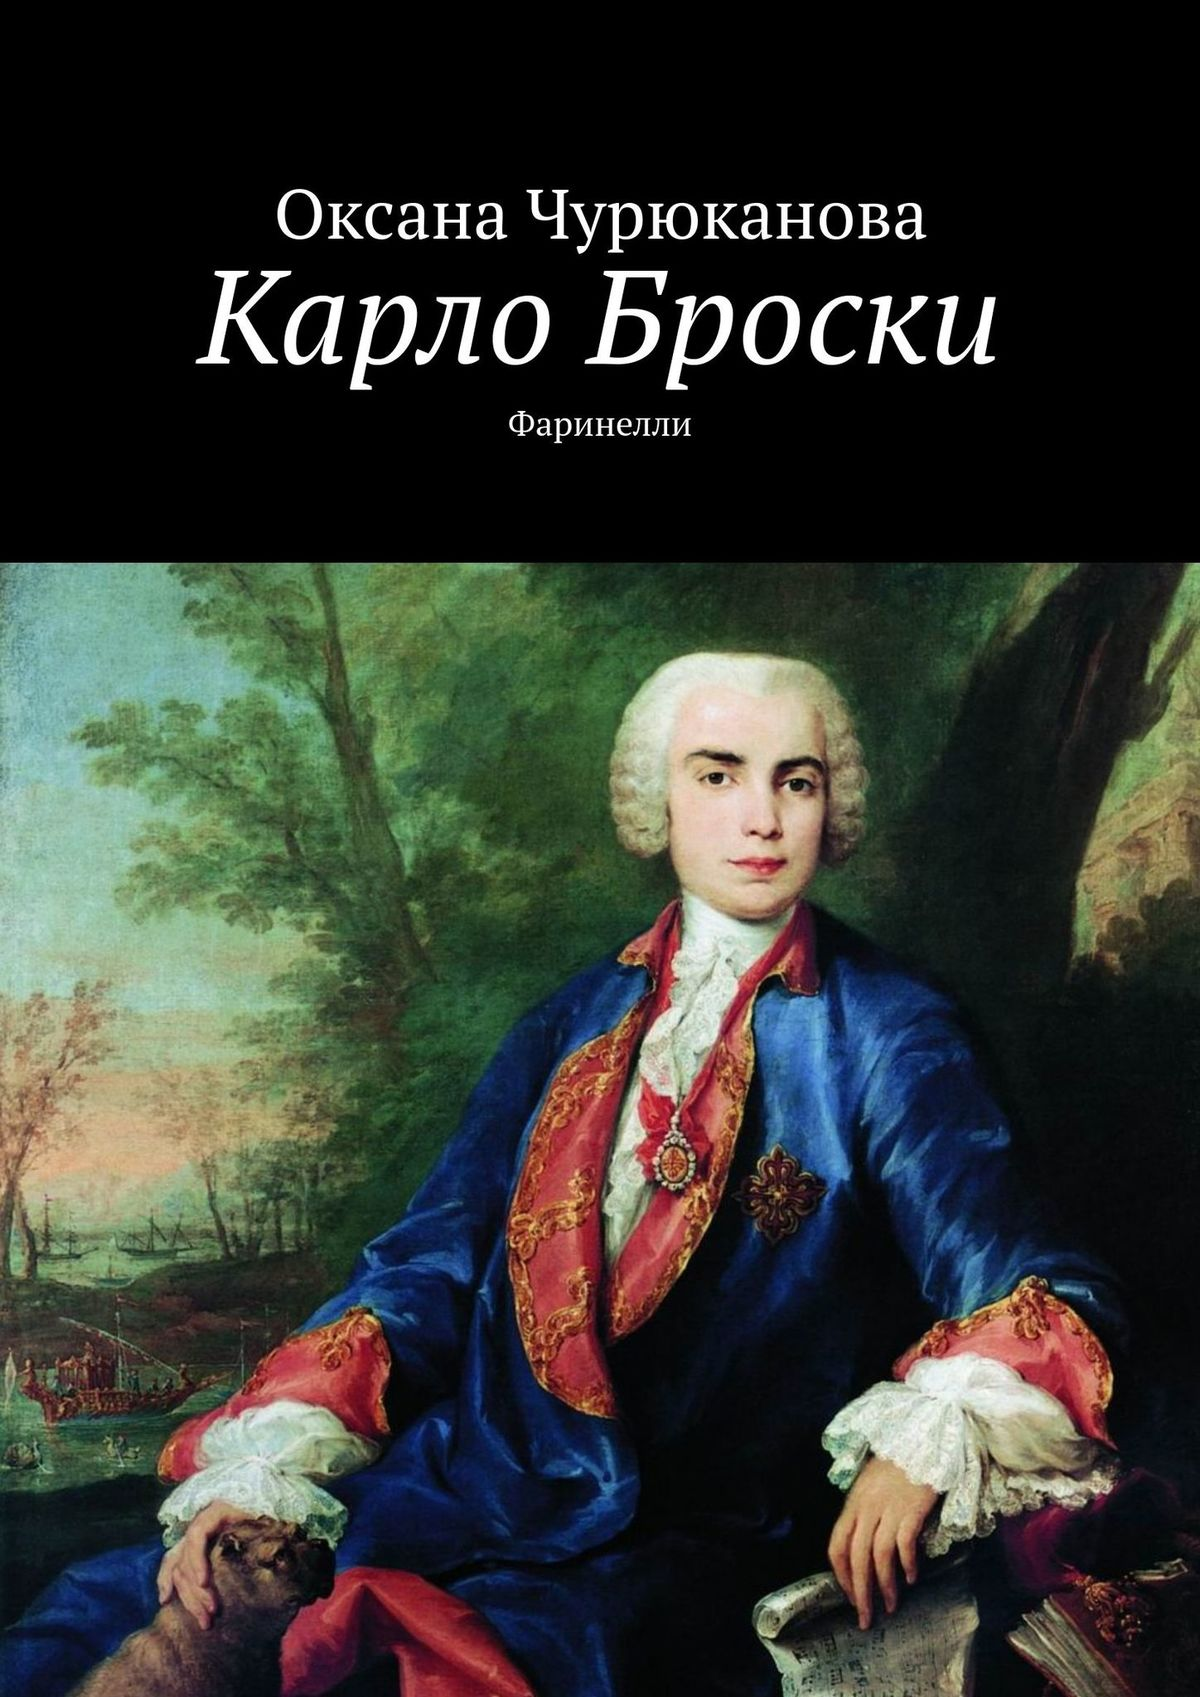 Карло Броски. Фаринелли